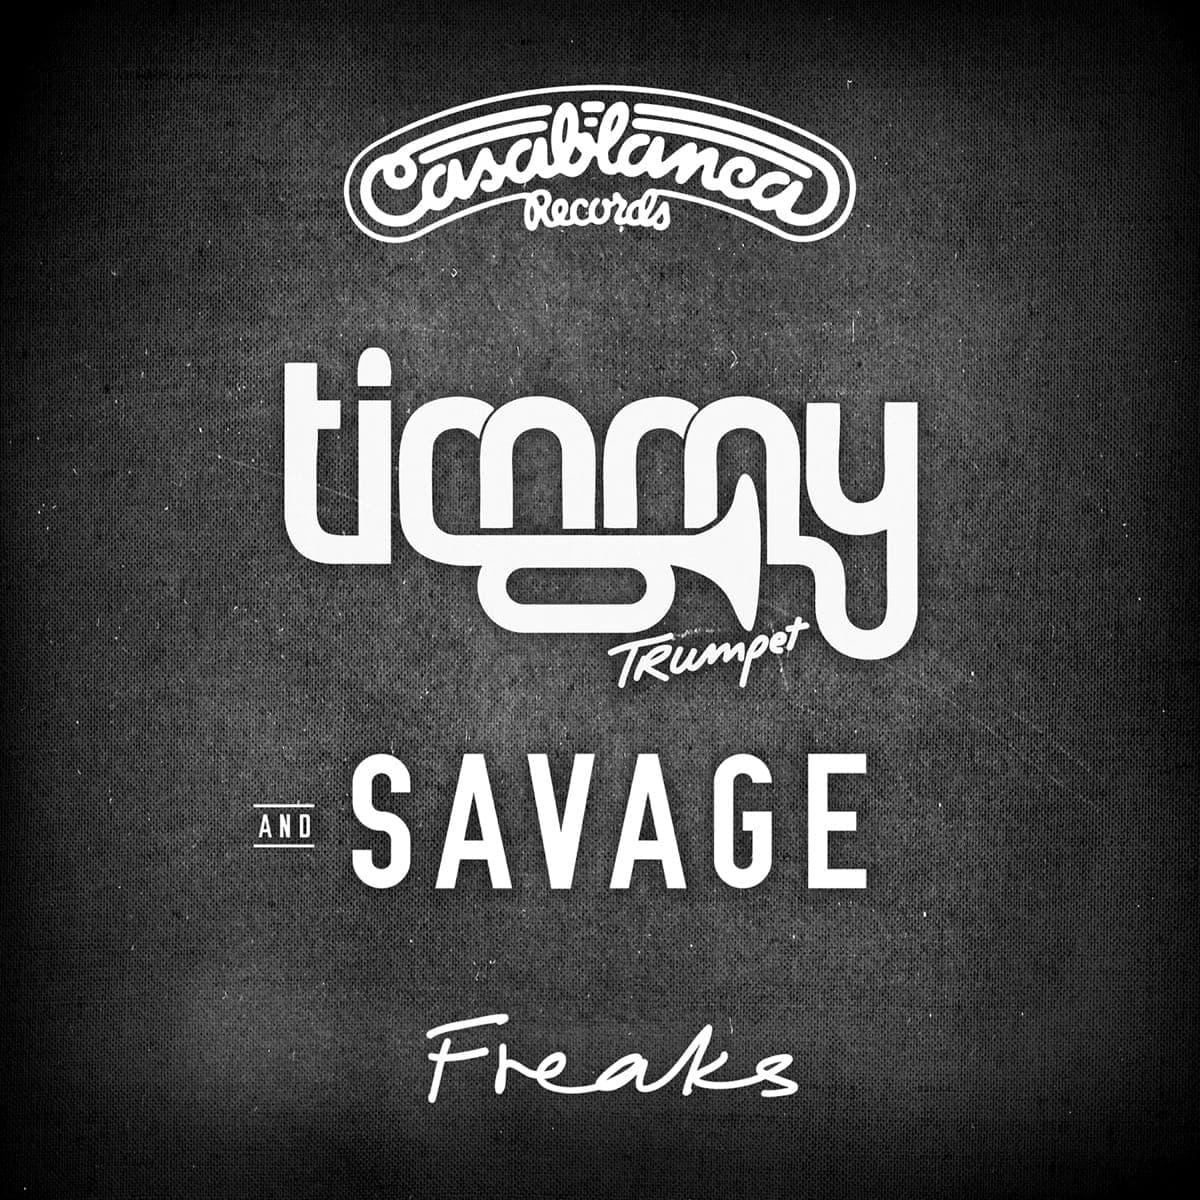 Freaks - Timmy Trumpet